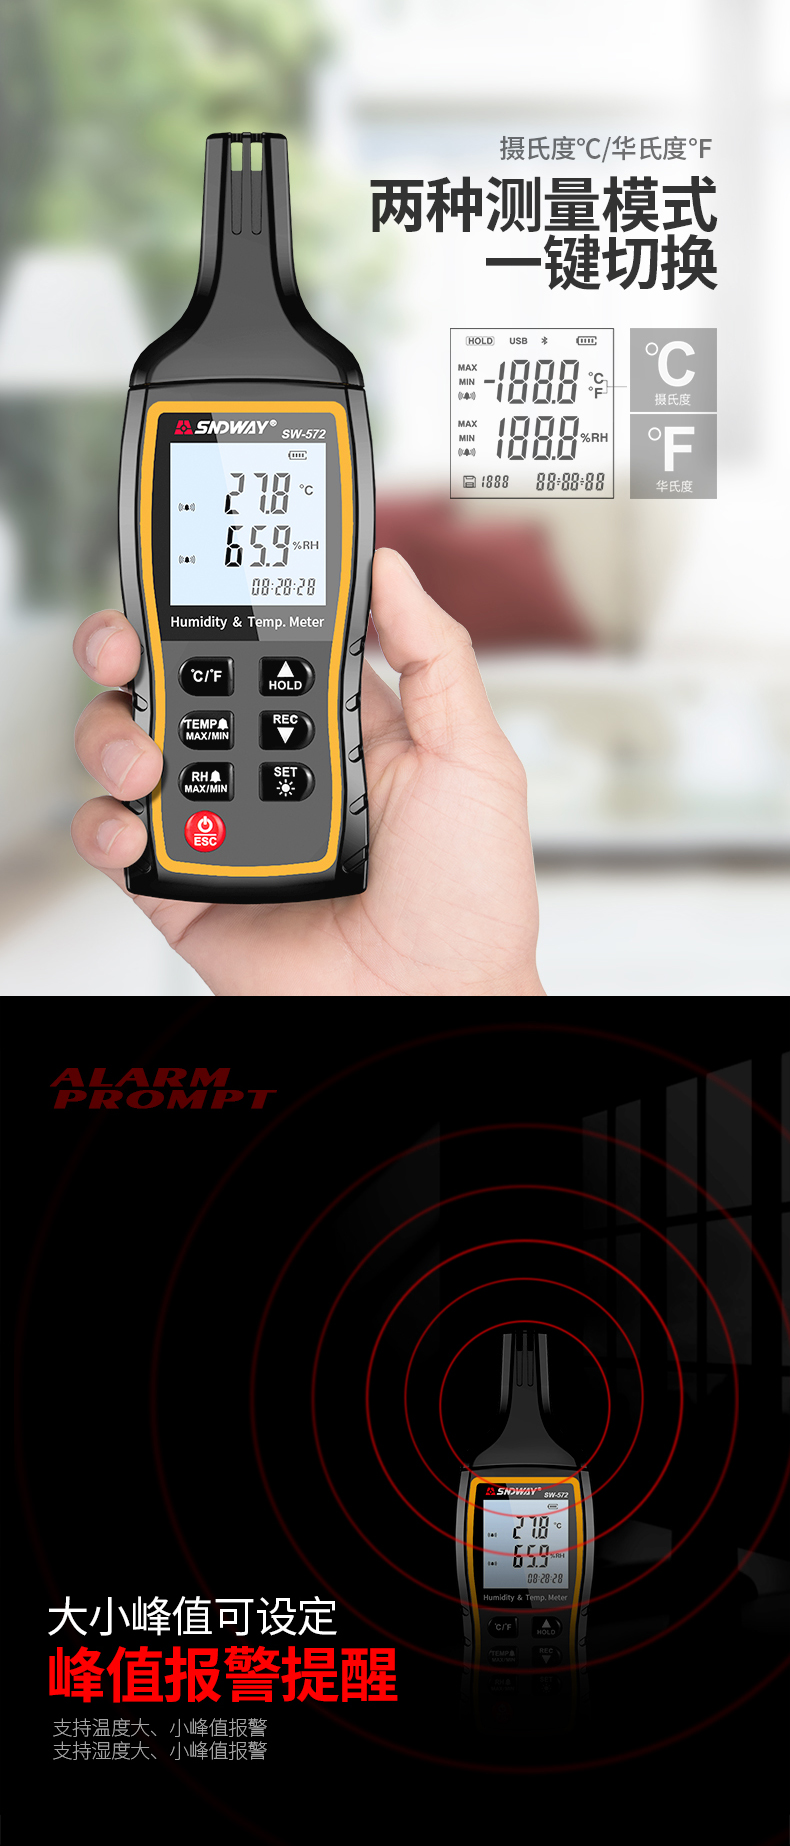 深达威温湿度计家用高精度室内外电子温度工业手持数字温湿表大棚-tmall_05